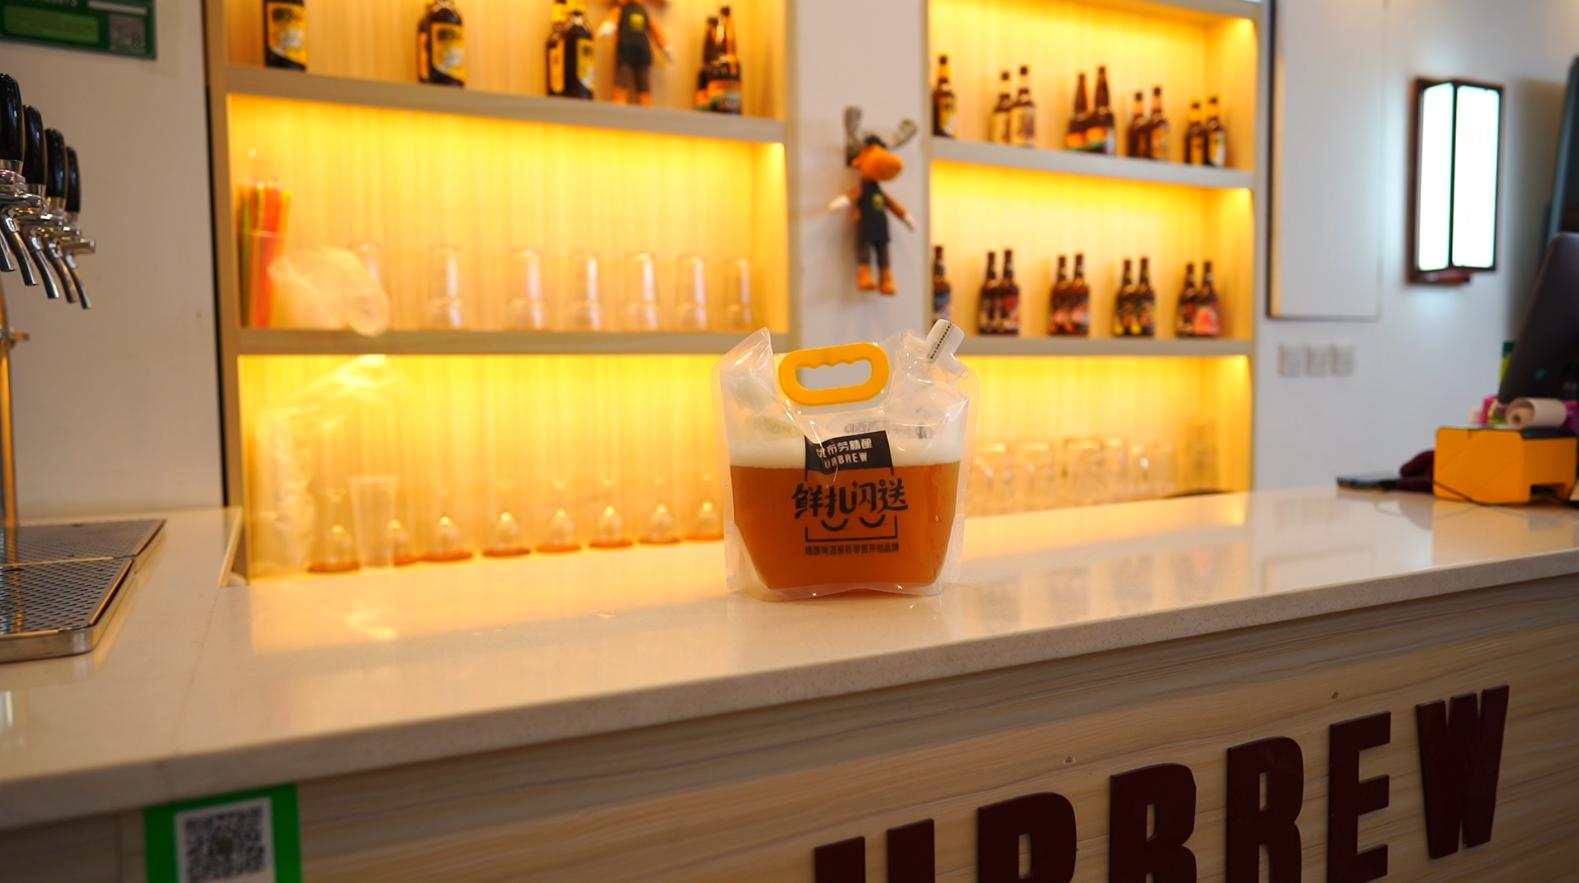 精酿啤酒屋加盟费是多少钱 精酿啤酒屋怎么加盟呢